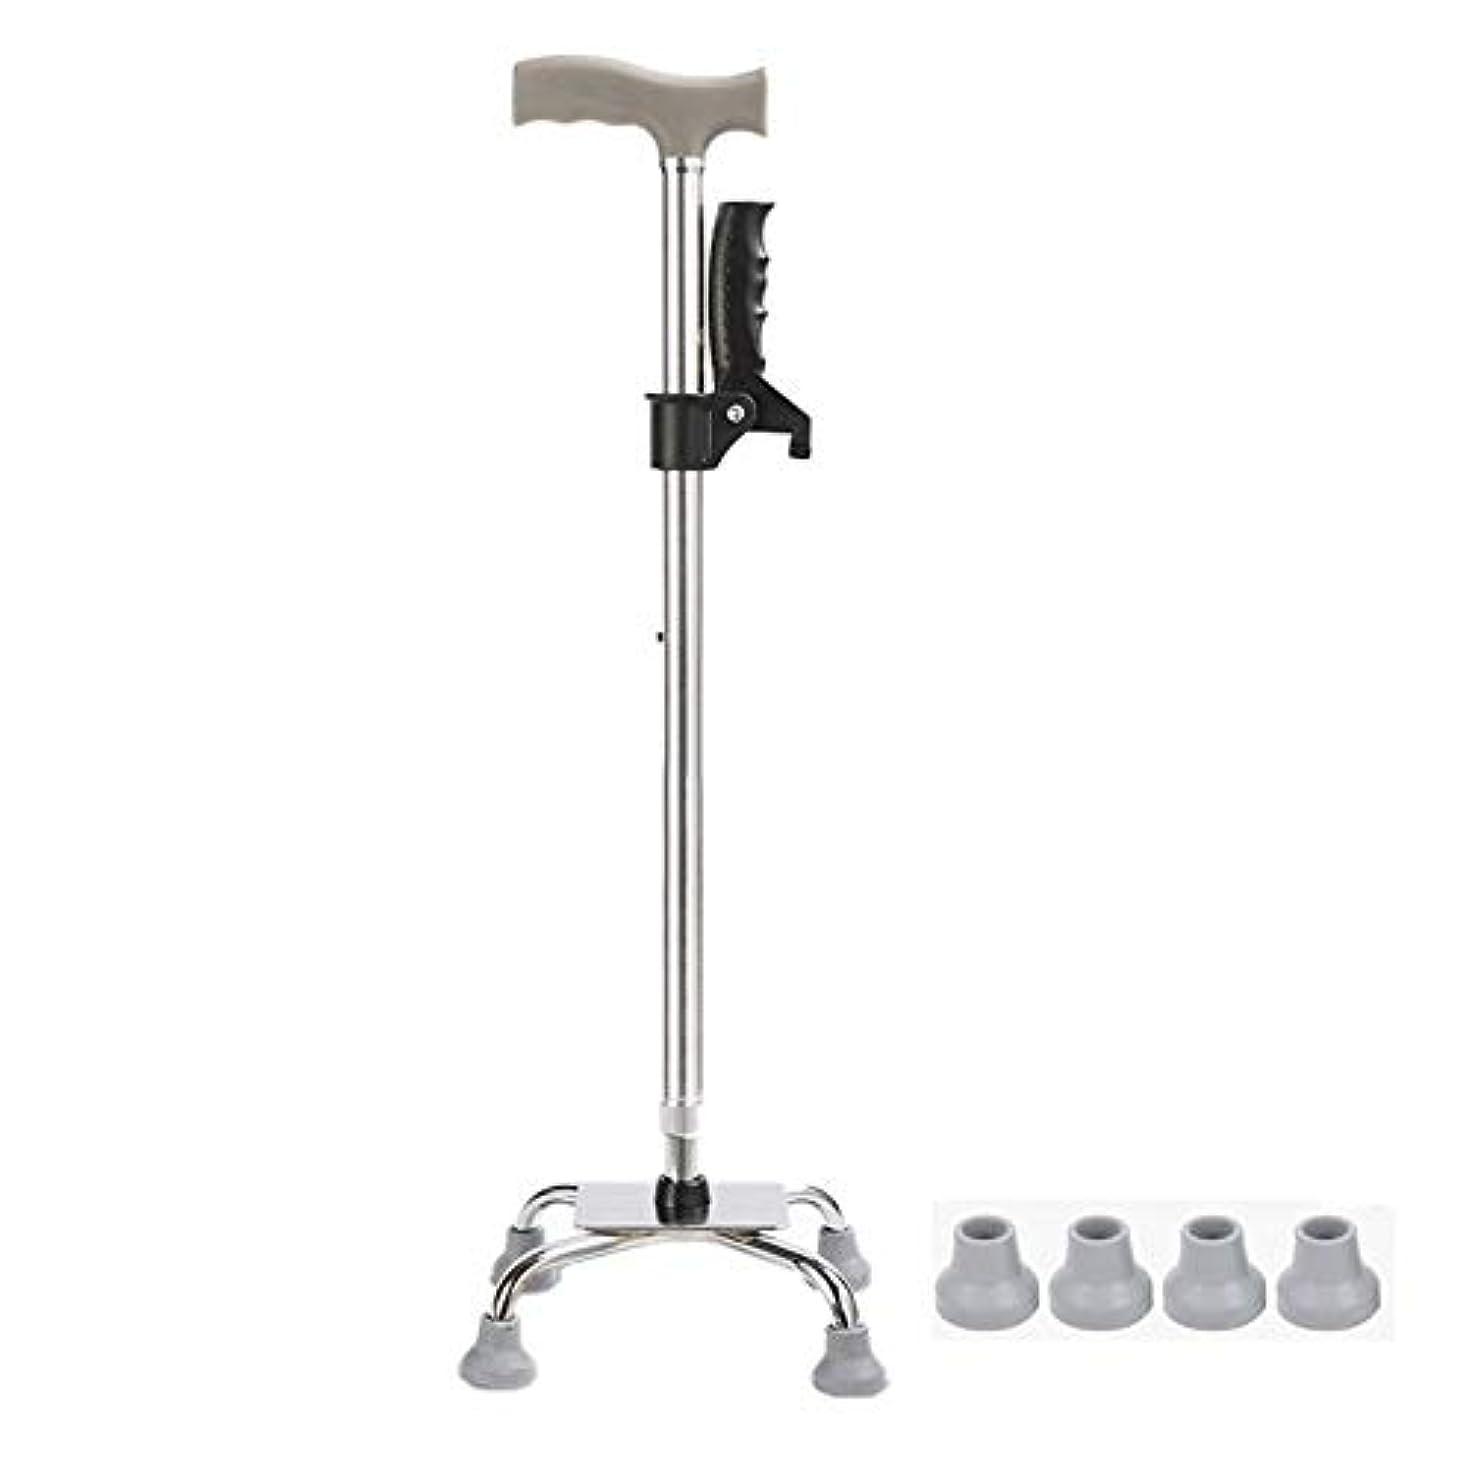 象傑出したローブ10高さ調整ケーンリトラクタブル調整4フィート老人松葉杖のアルミ合金松葉杖は無効無効ウォーキングスティックスリップ (色 : Silver-B)